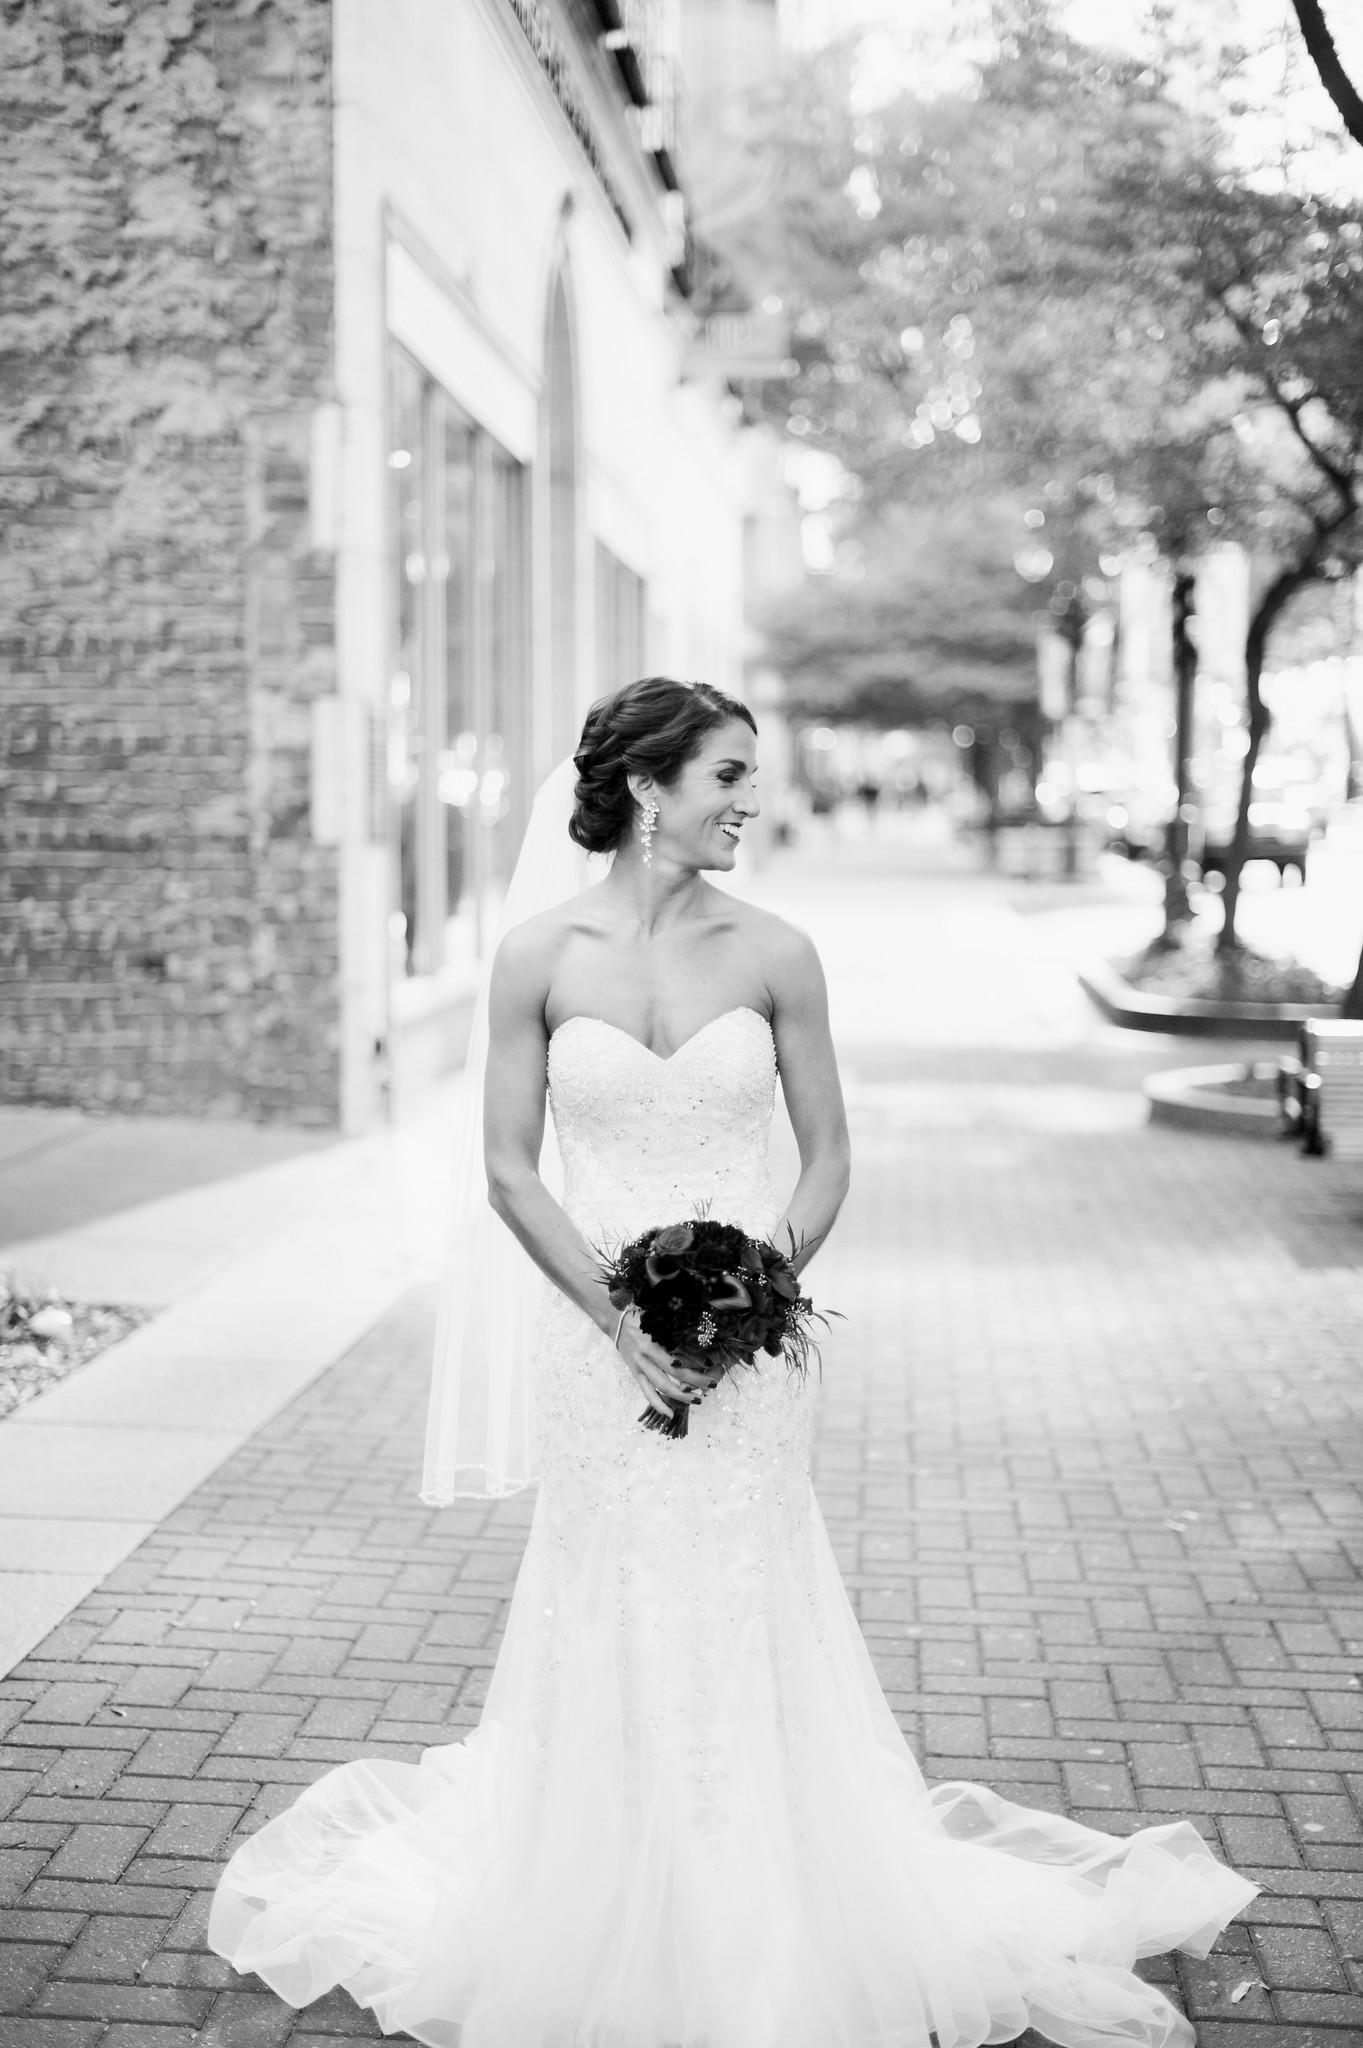 hoke-wedding-096-X4.jpg